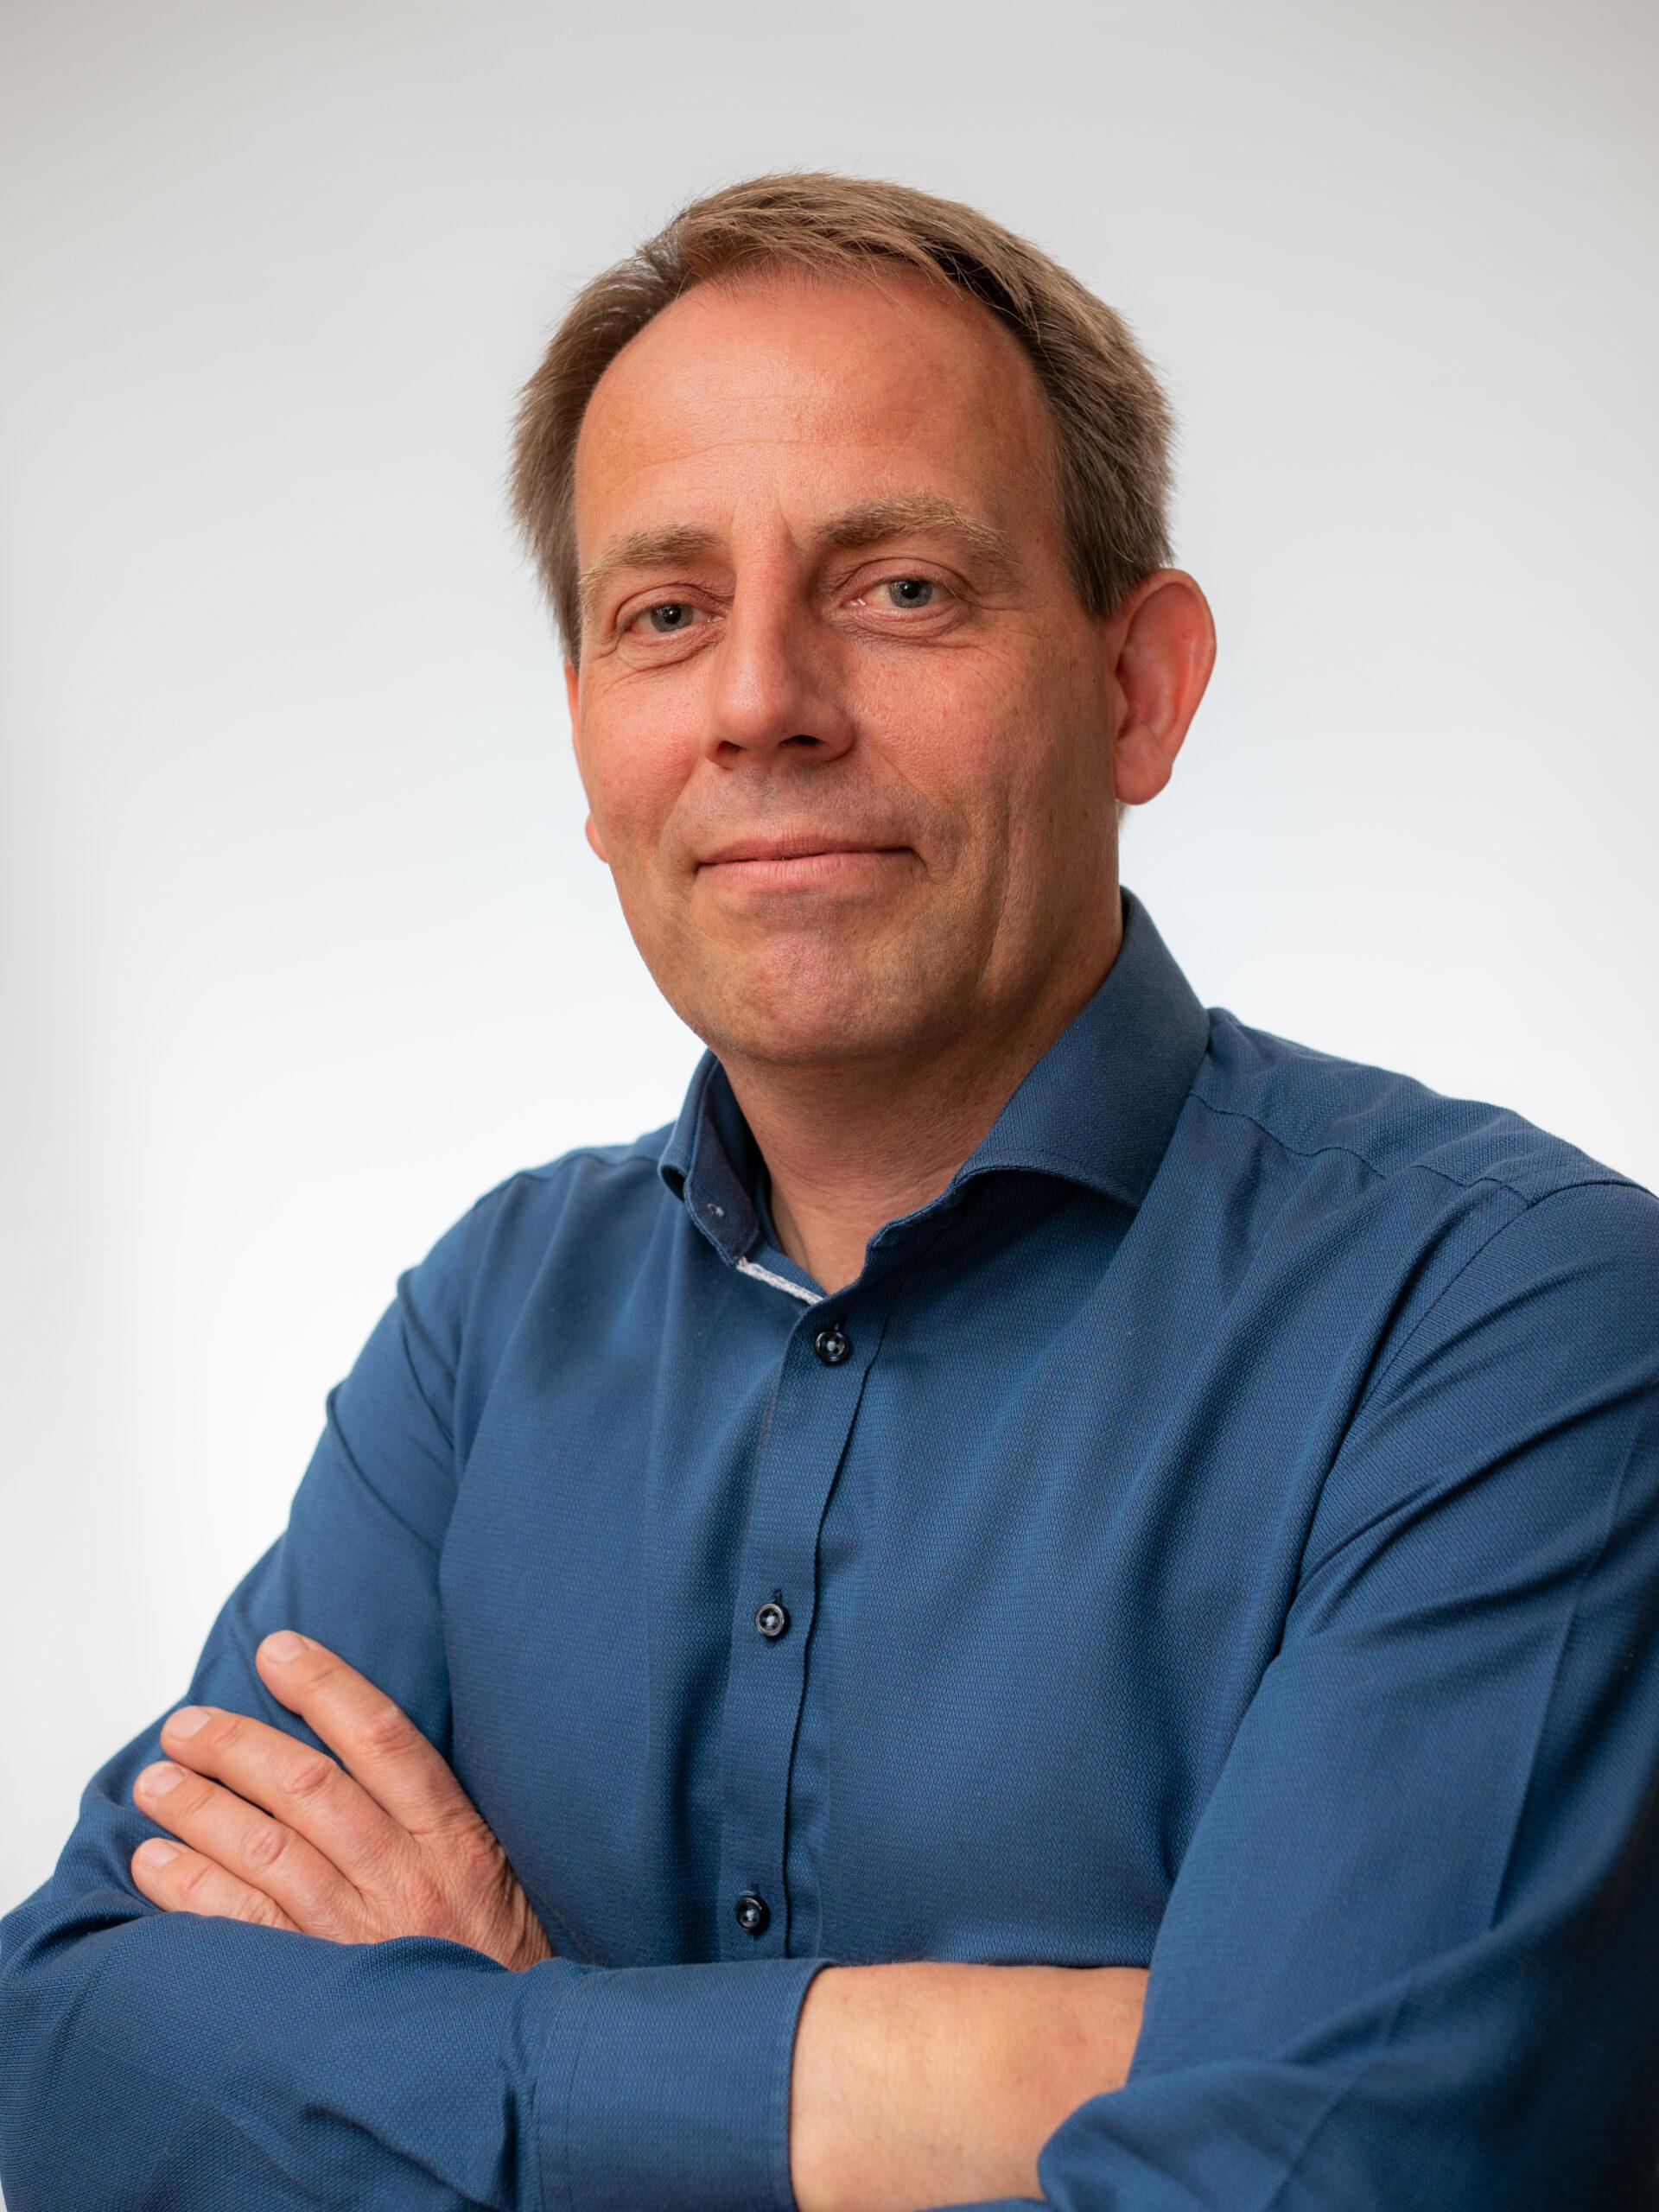 Carsten Møller